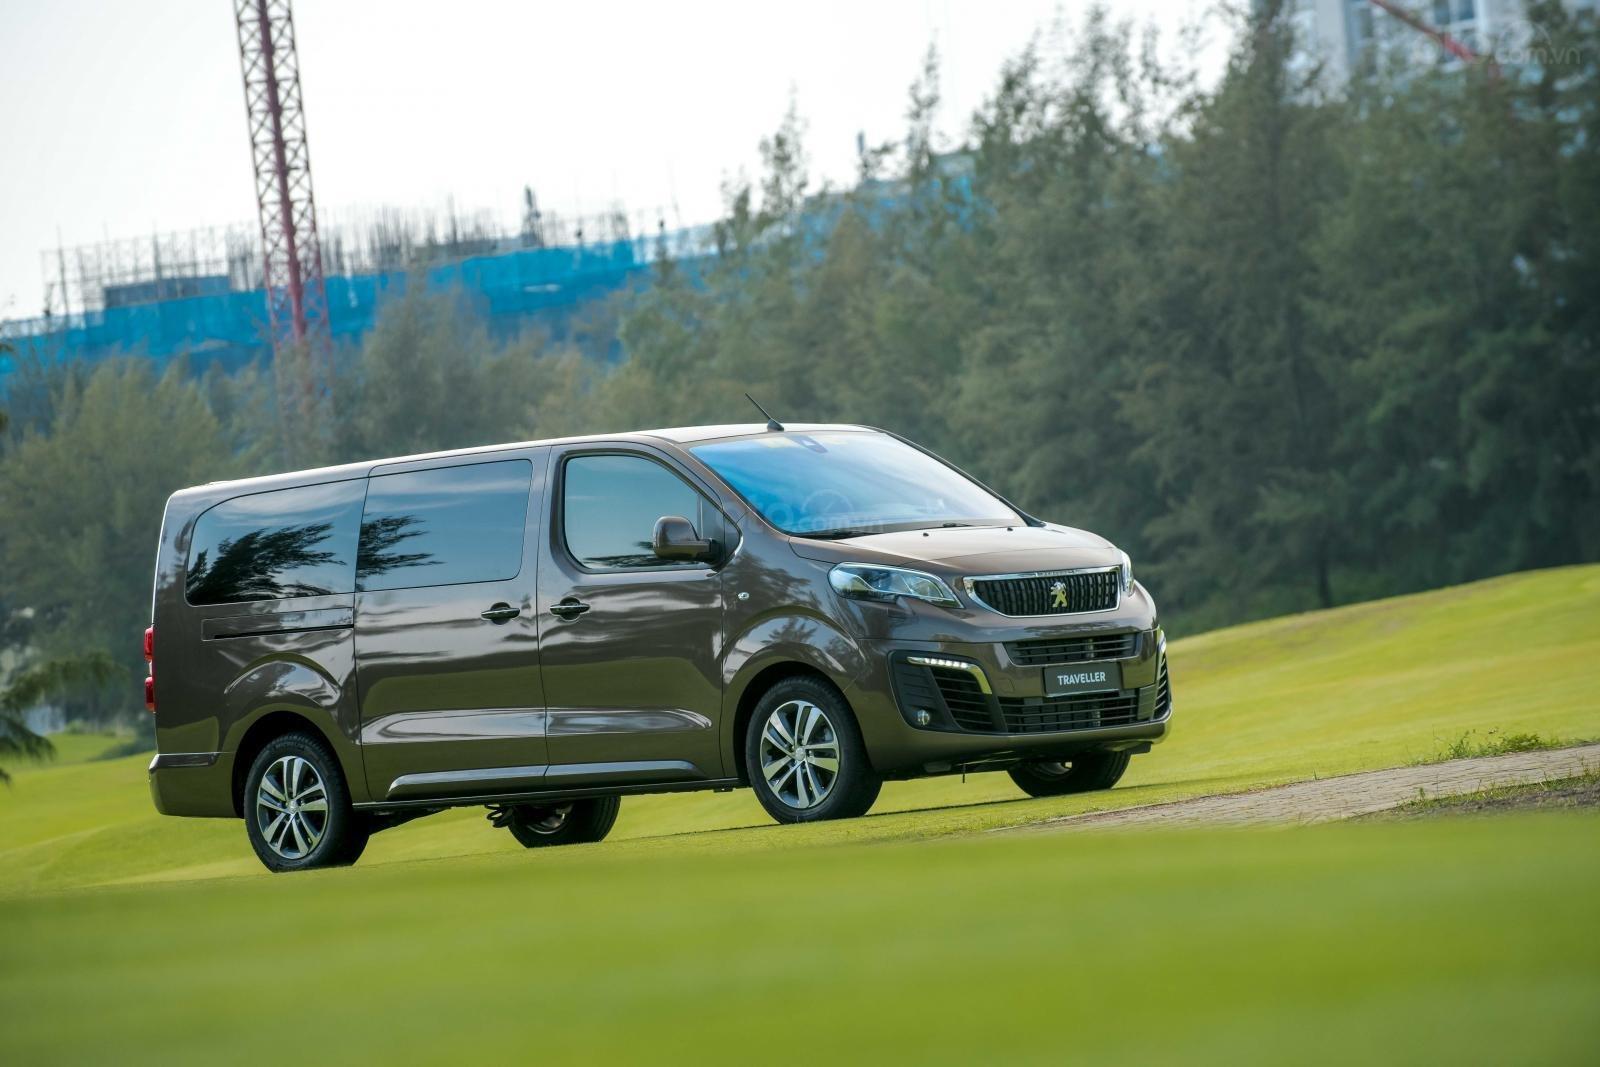 Peugeot Traveller Luxury 2019 - Có xe giao ngay - Nhiều ưu đãi hấp dẫn - Trả trước 20% nhận xe - Hotline: 0909.450.005-3